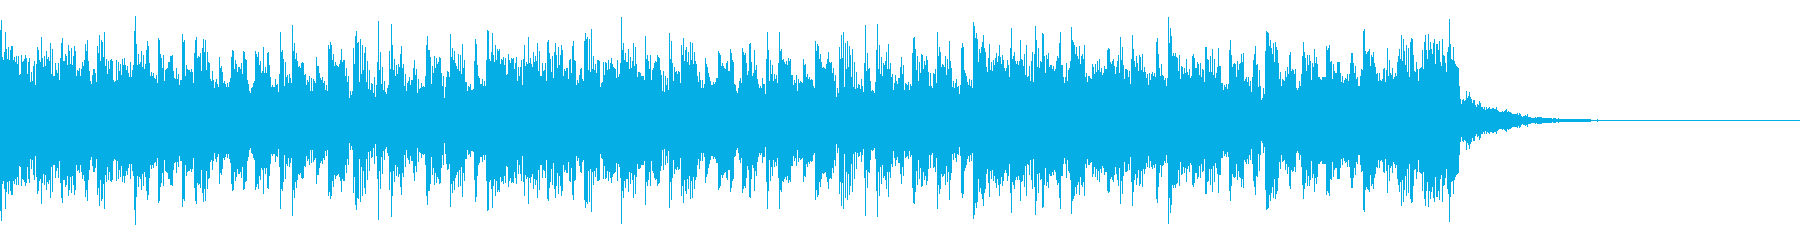 デジタルで無機質なカウントダウン15秒の再生済みの波形